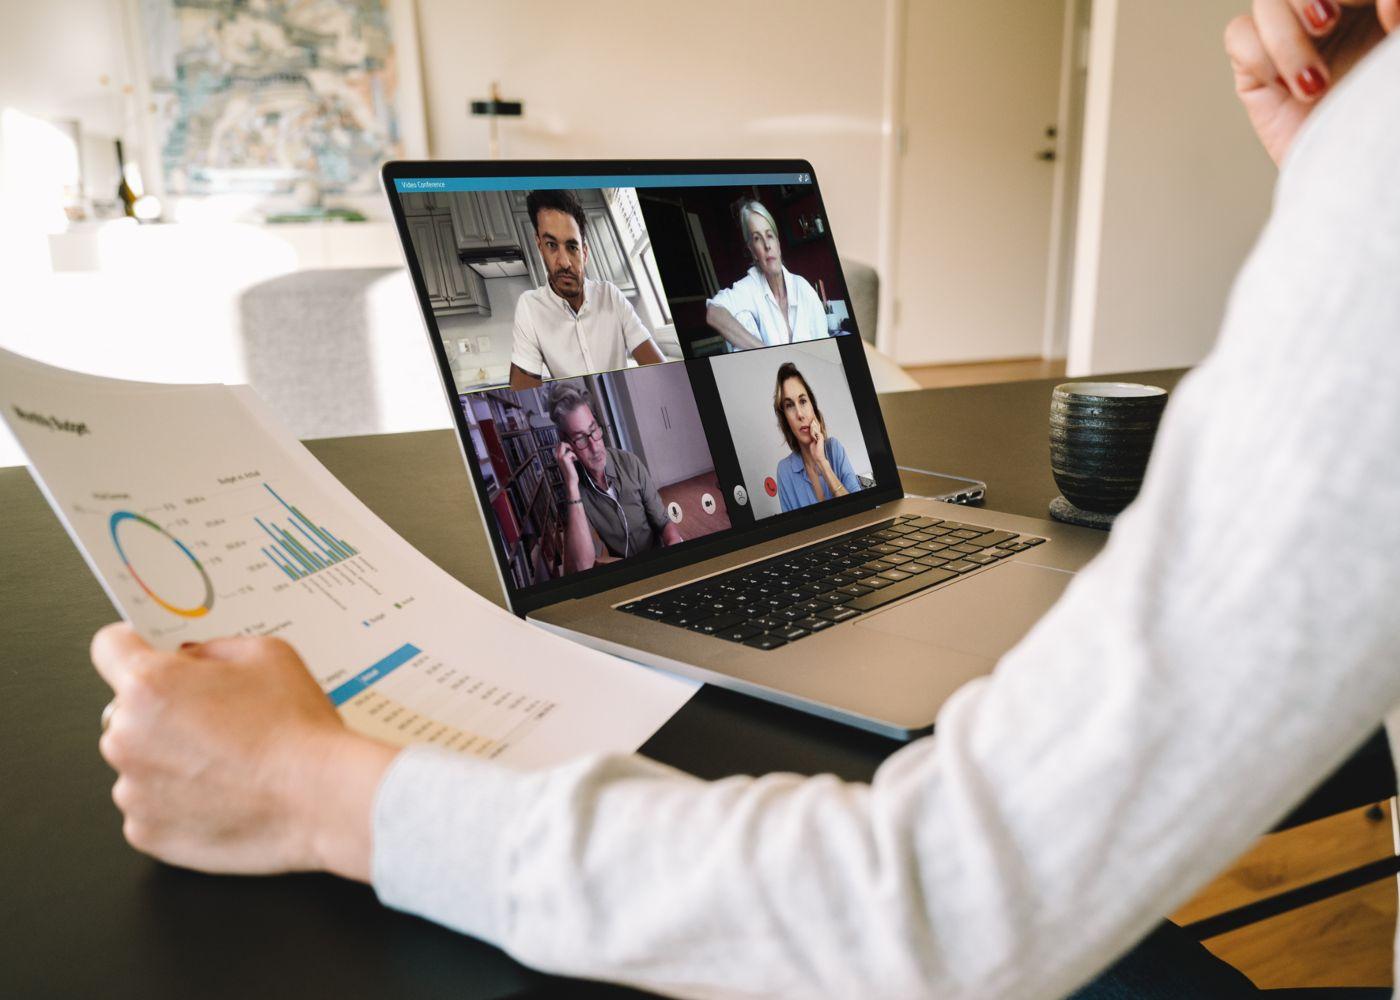 reunião de trabalho via computador